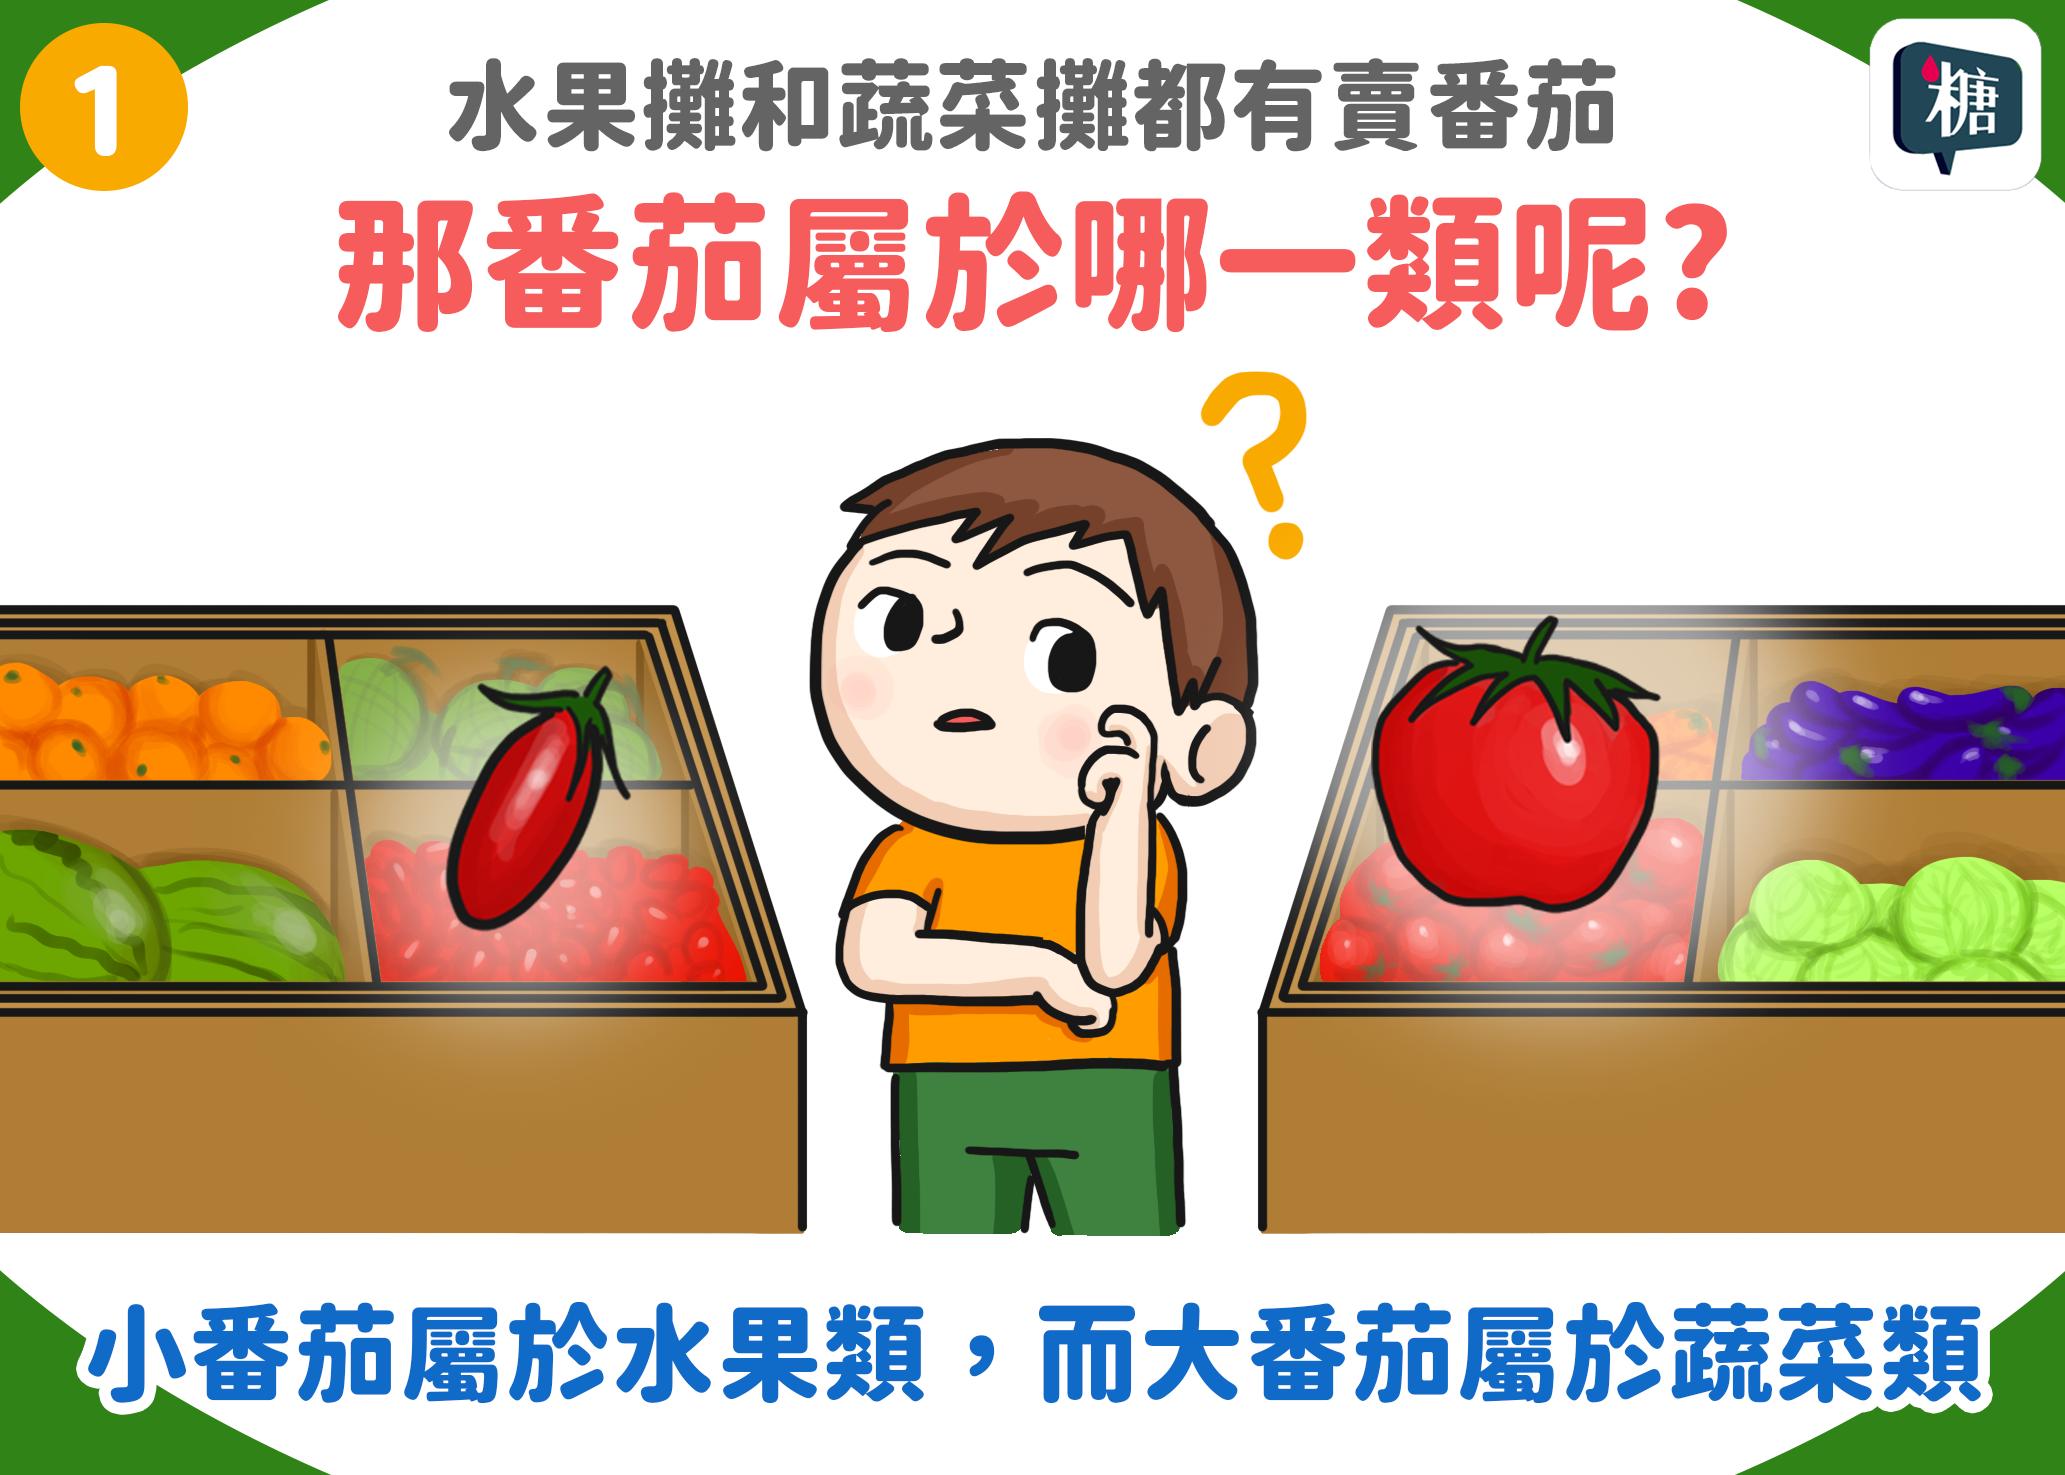 水果攤和蔬菜攤都有賣番茄,那番茄屬於哪一類呢?